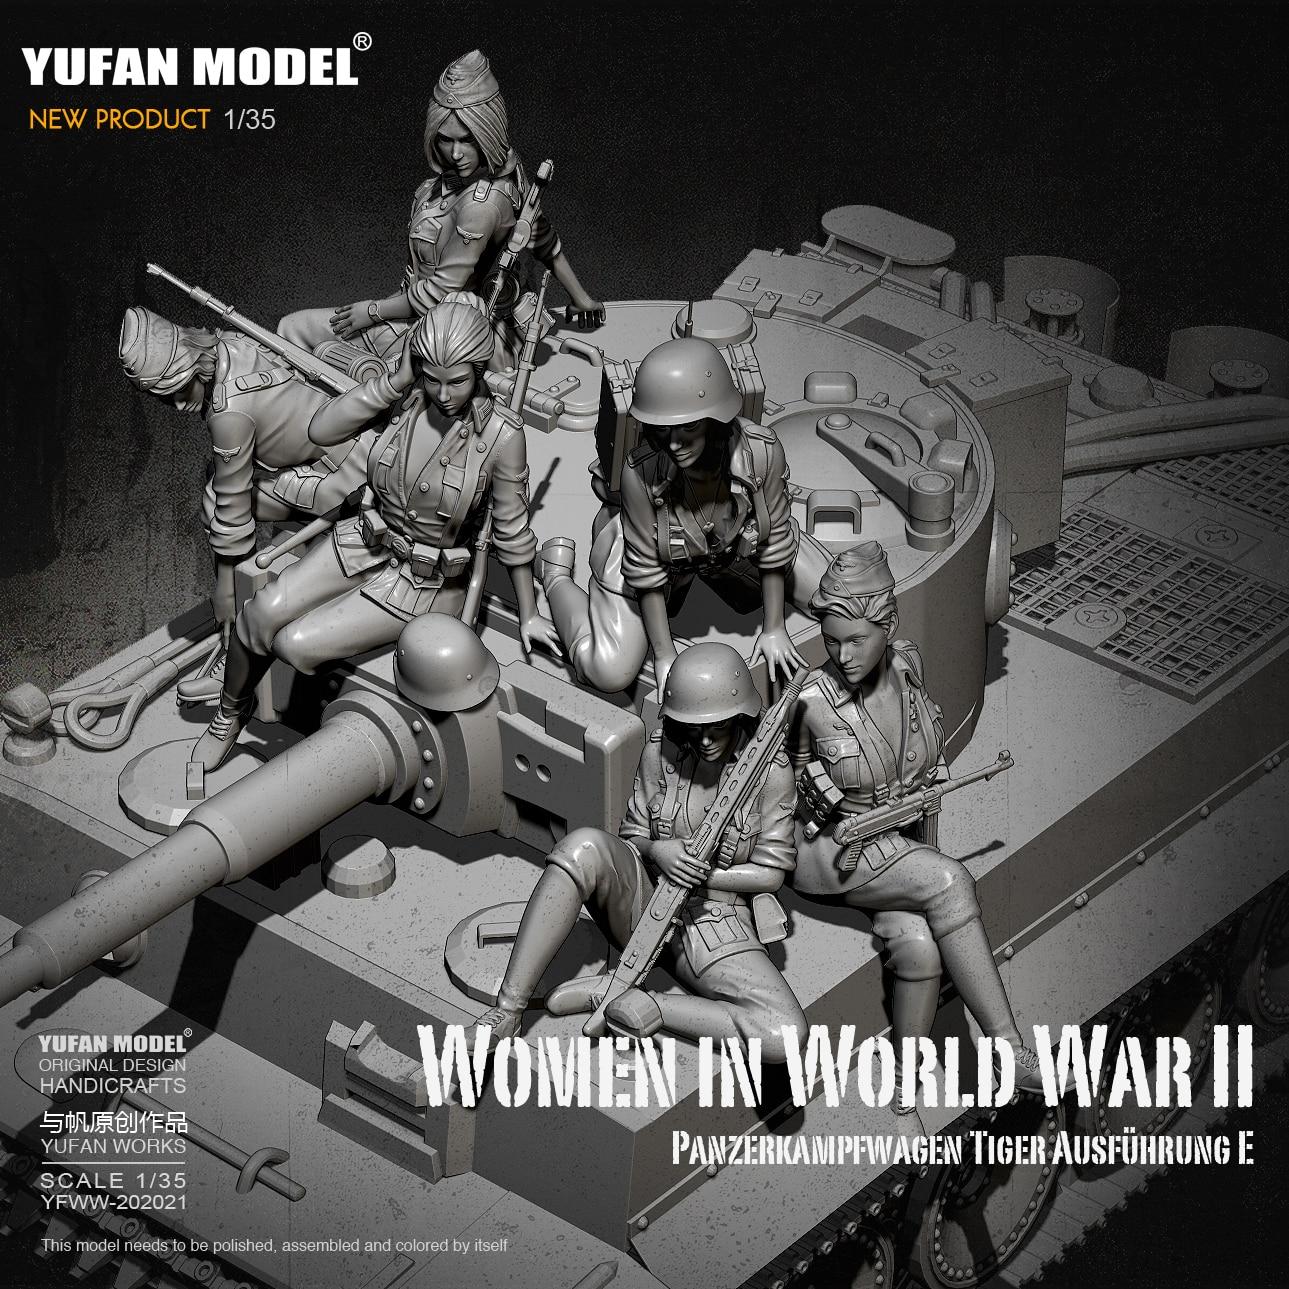 Kits de figuras de resina de 1/35, modelo soldado tanque alemán femenino, autoensamblado (6 juegos) YFWW-2065